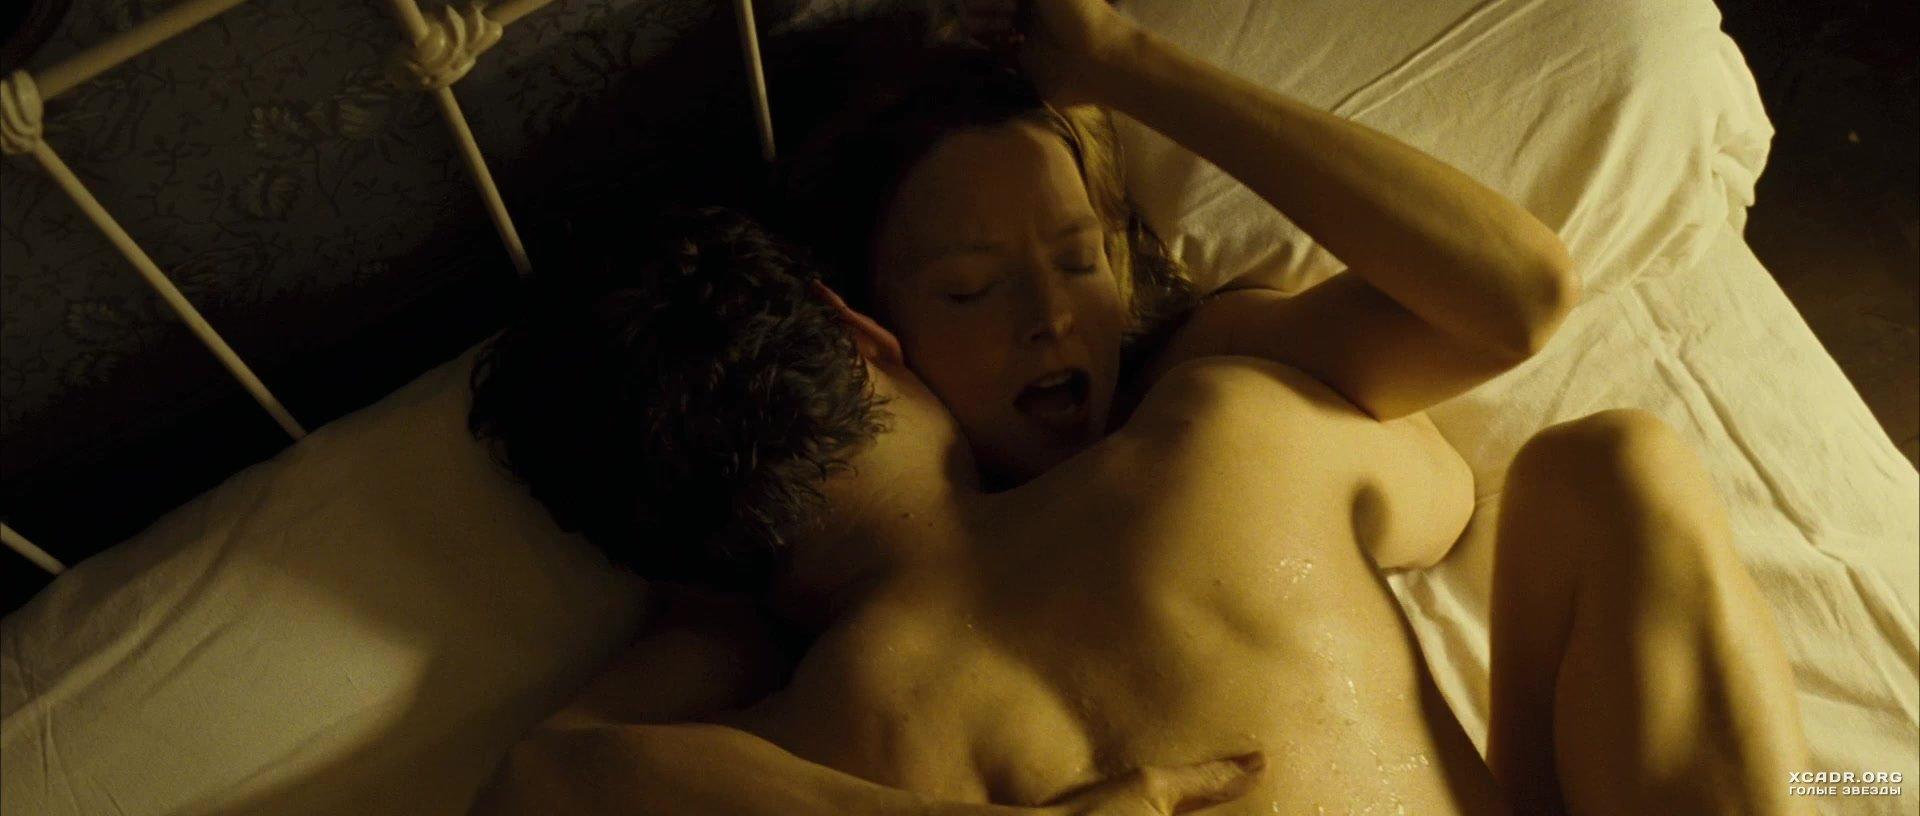 Порно видео постельные сцены